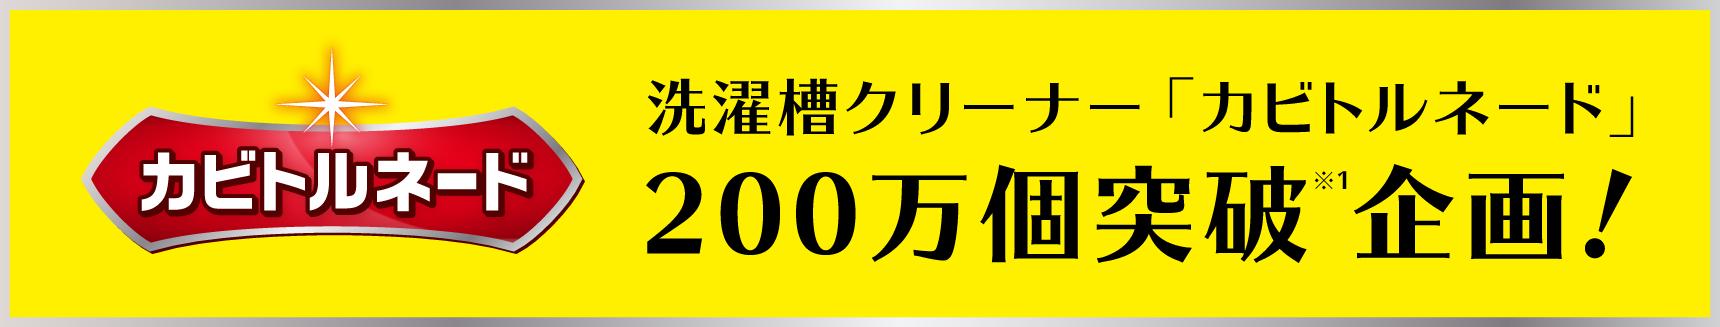 洗濯槽クリーナー「カビトルネード」200万個突破※1企画!